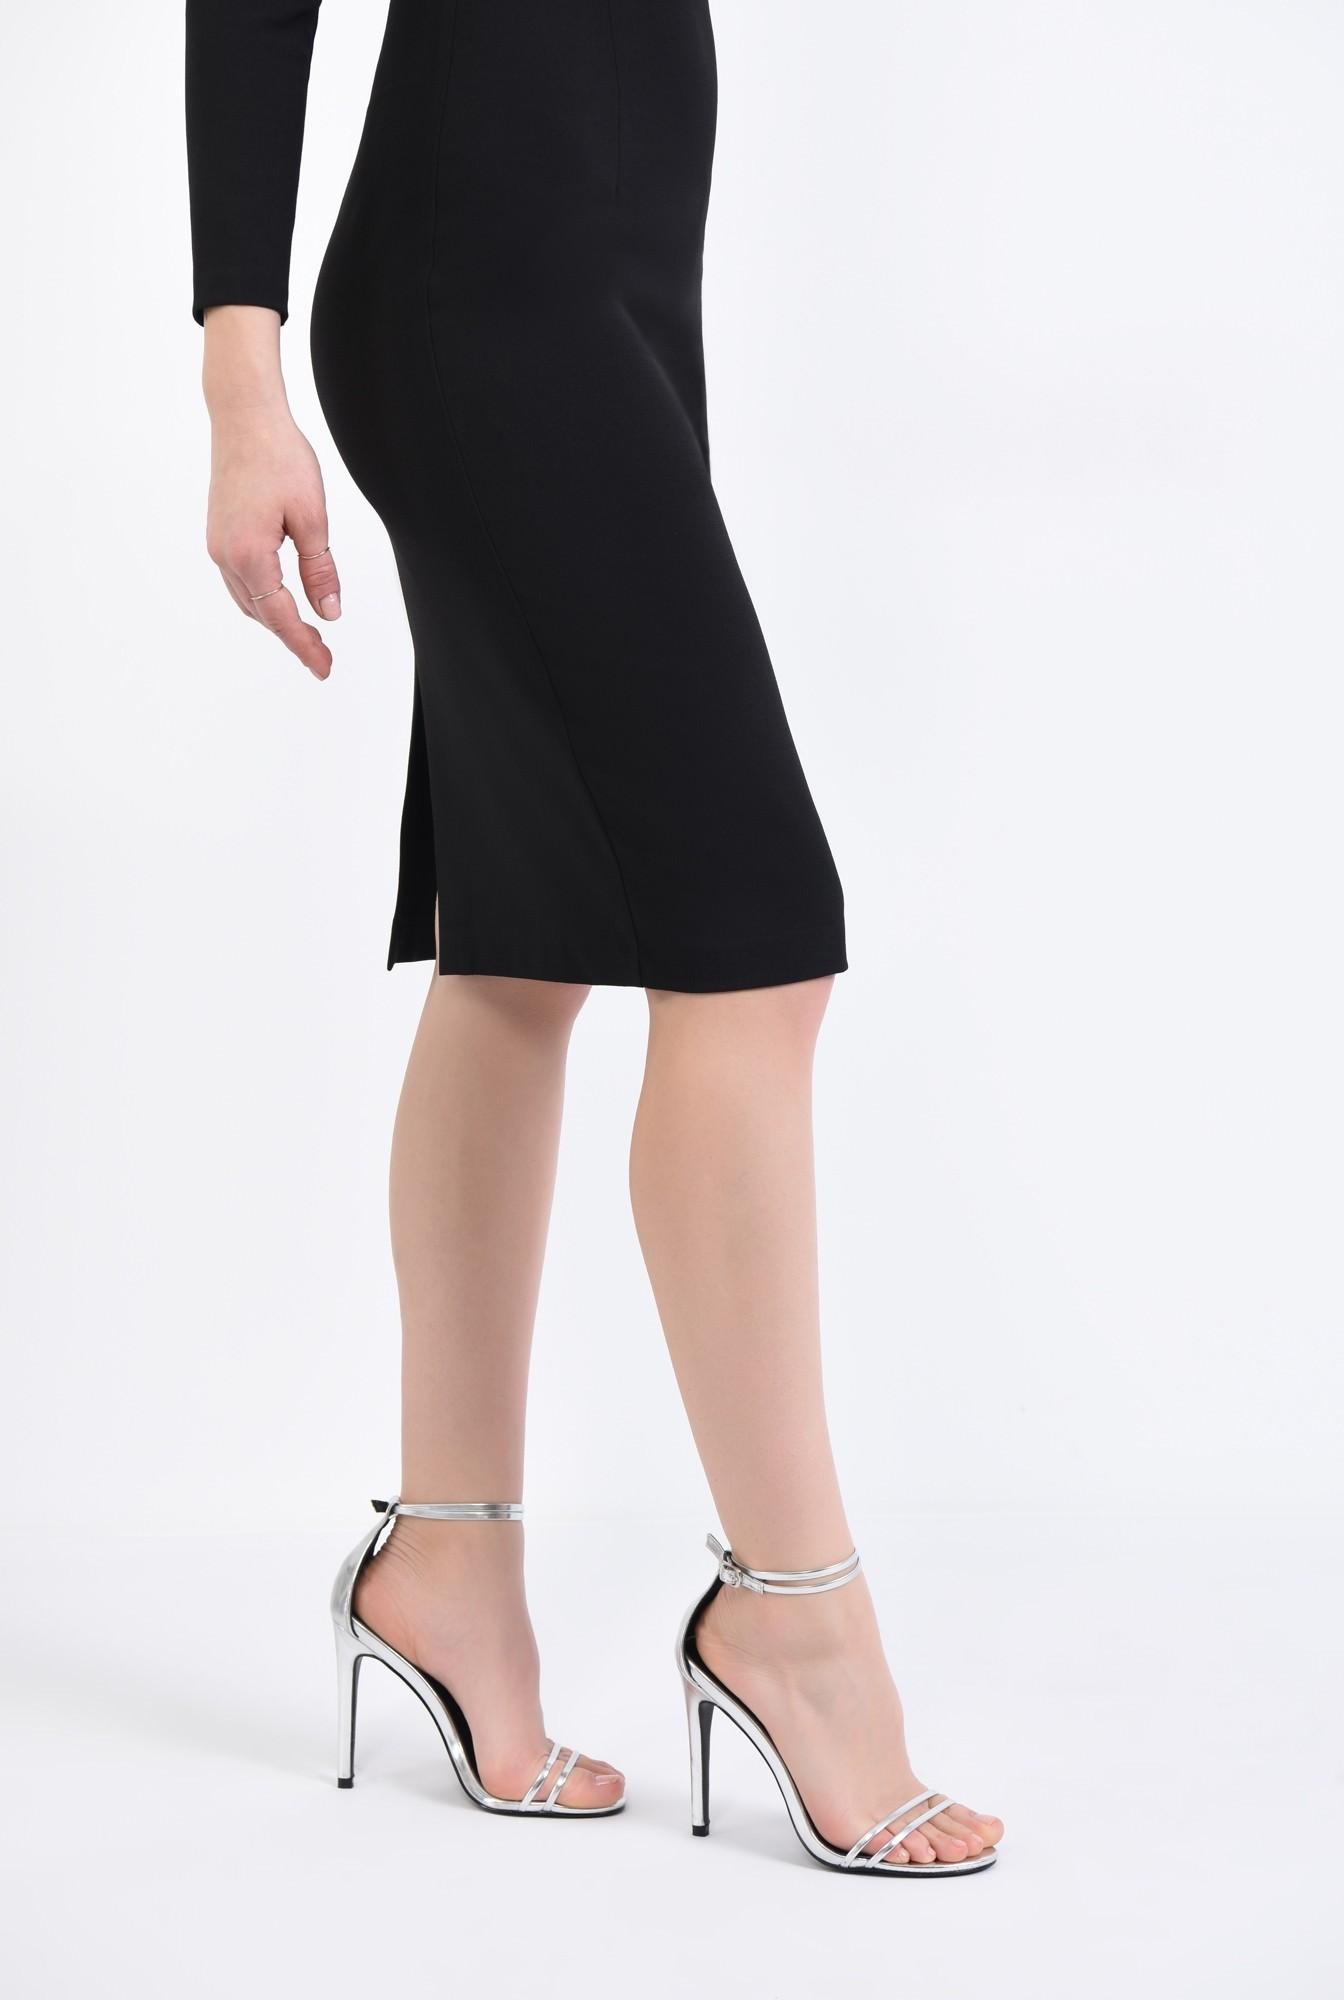 1 - Sandale elegante, argintiu